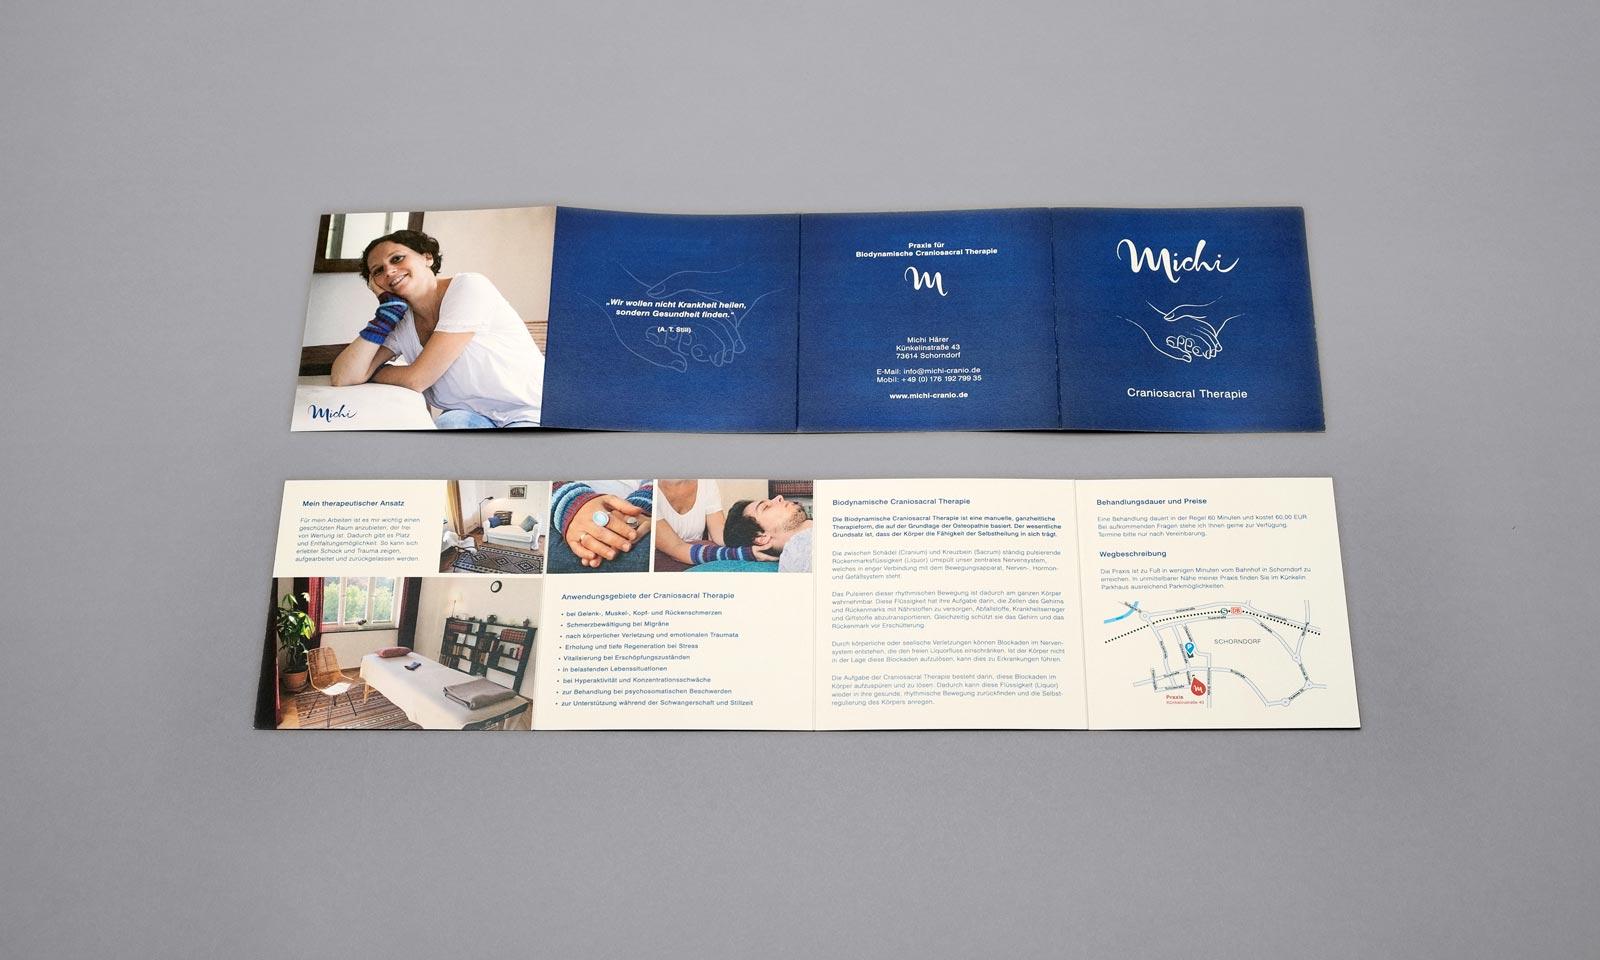 Michi, Broschüre, Geschäftsausstattung, Corporate Design, Vorder- und Rückseite, ausgeklappt